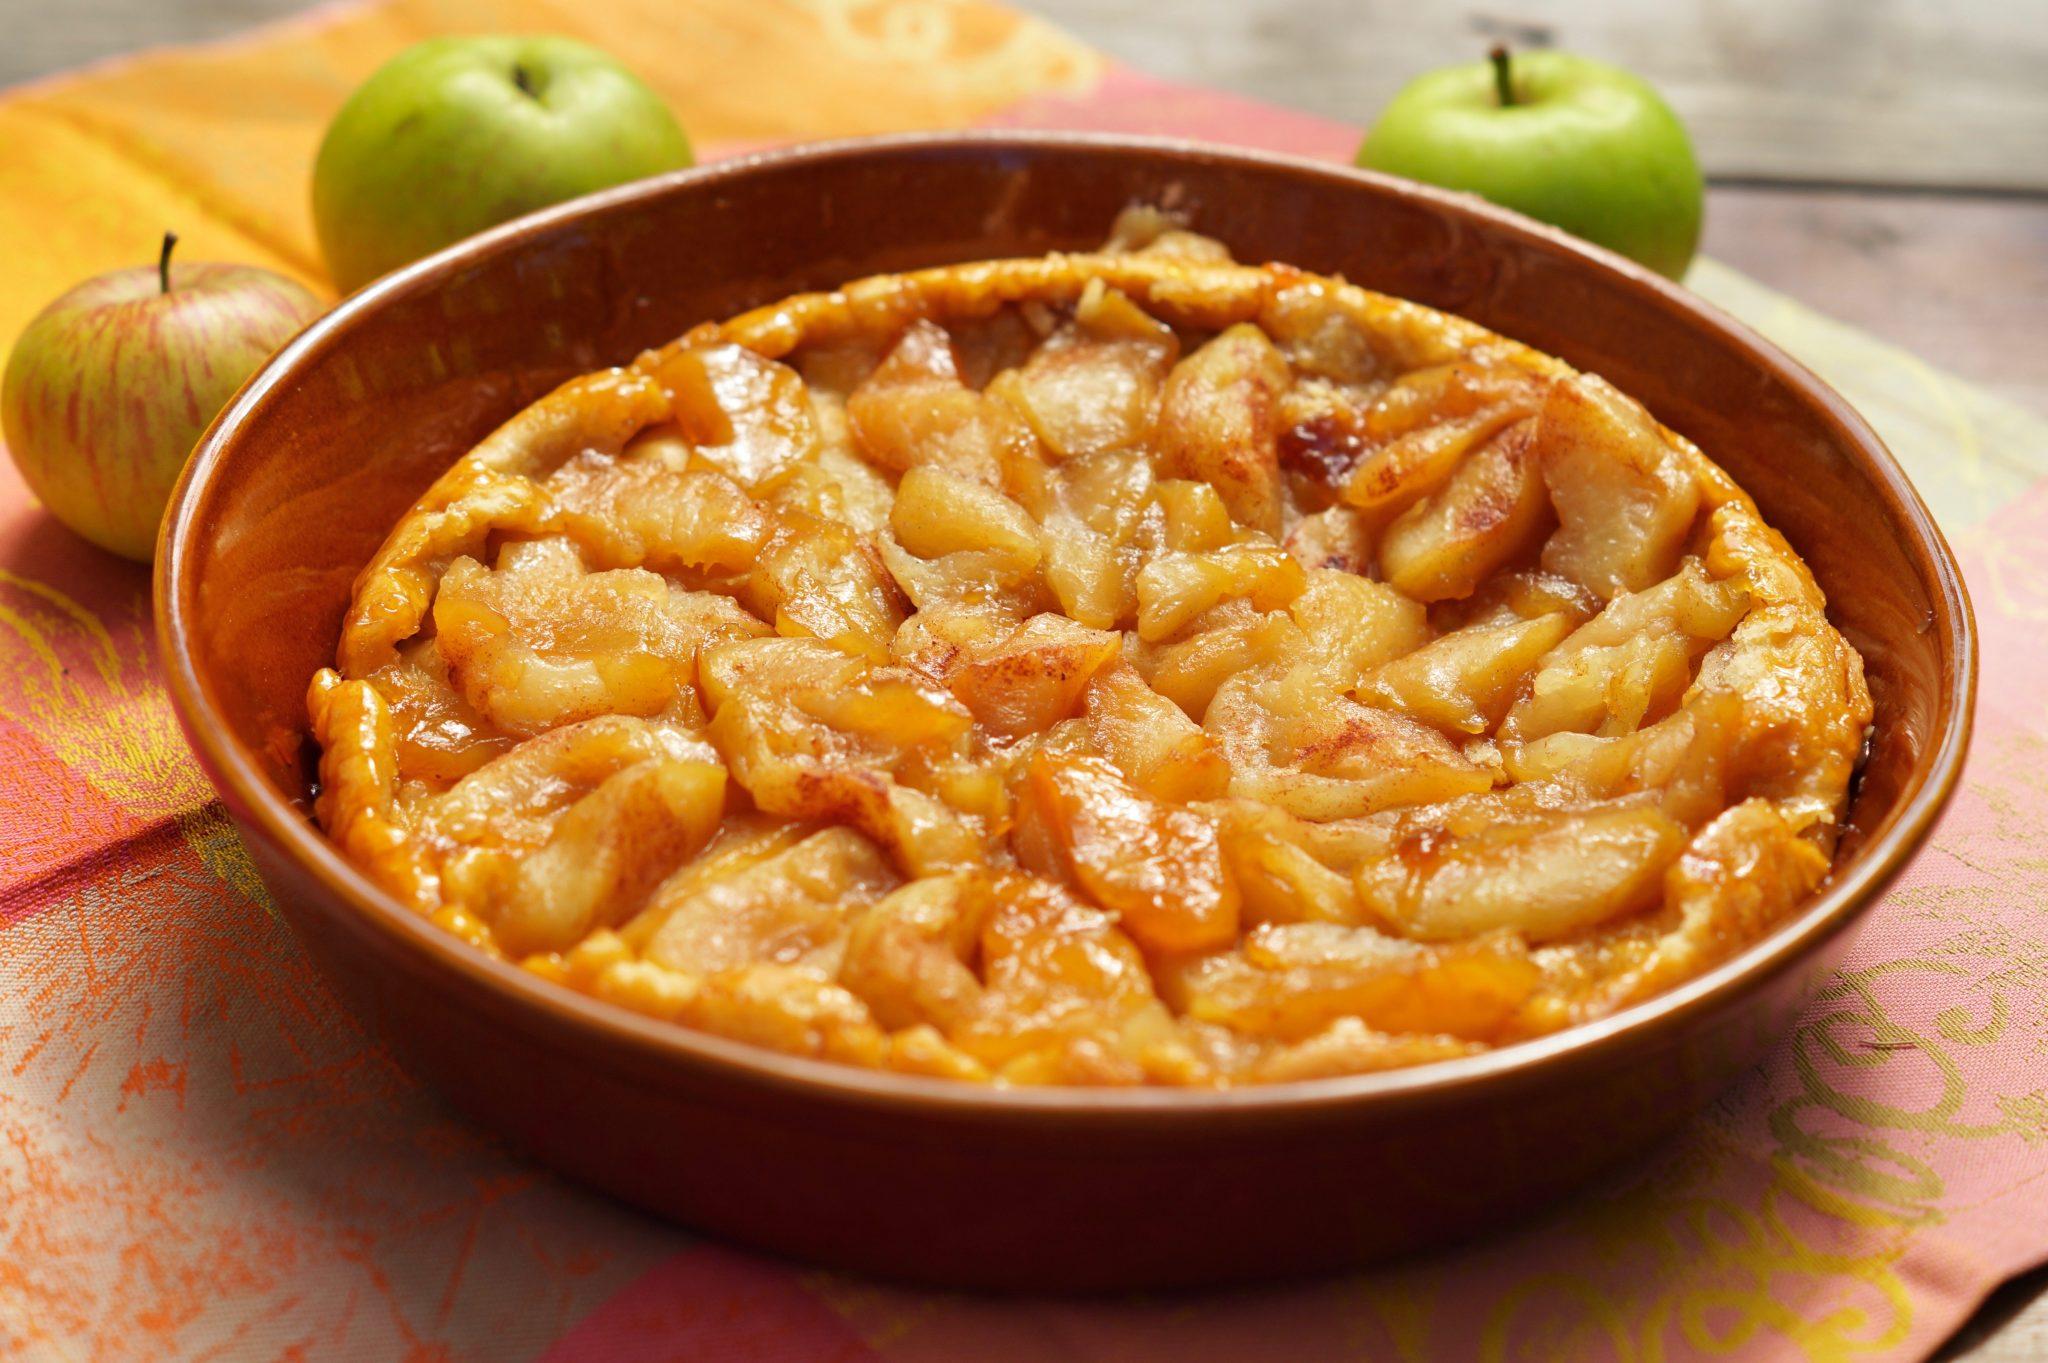 Französischer Apfelkuchen: Torte Satin mit karamellisierten Äpfeln